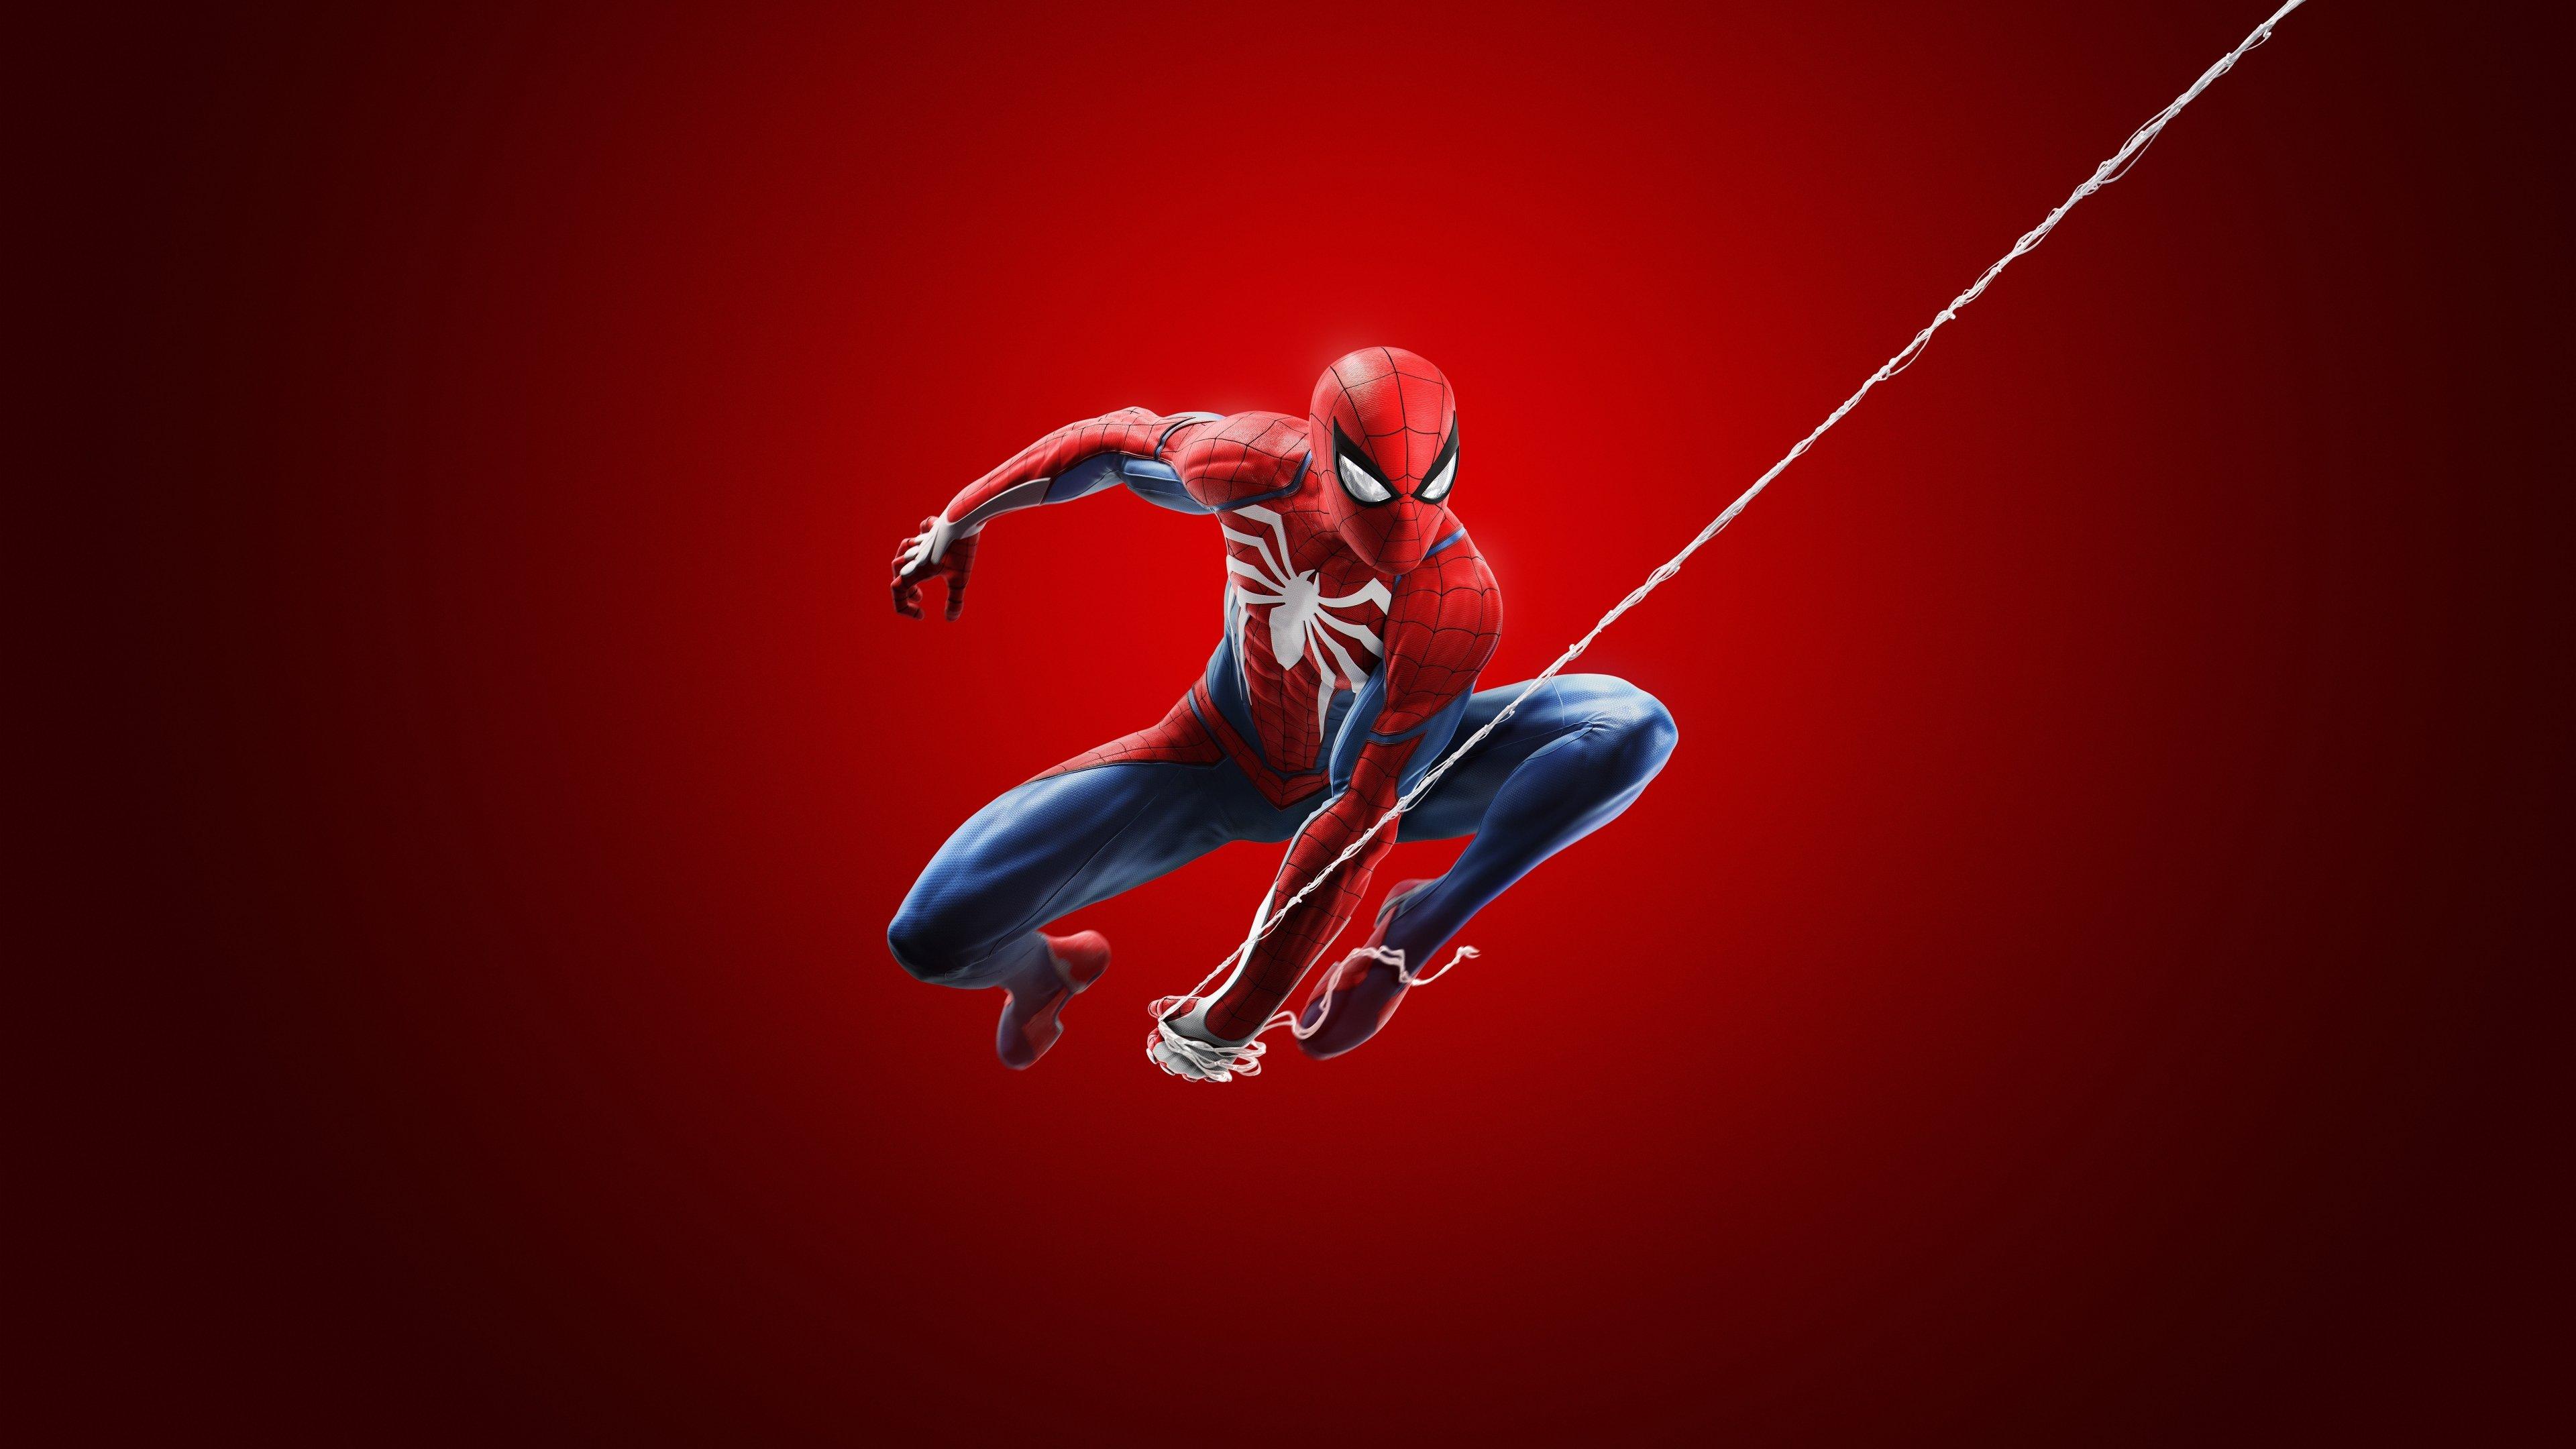 Spider Man Ps4 Wallpaper 8k Ultra Hd Id3452